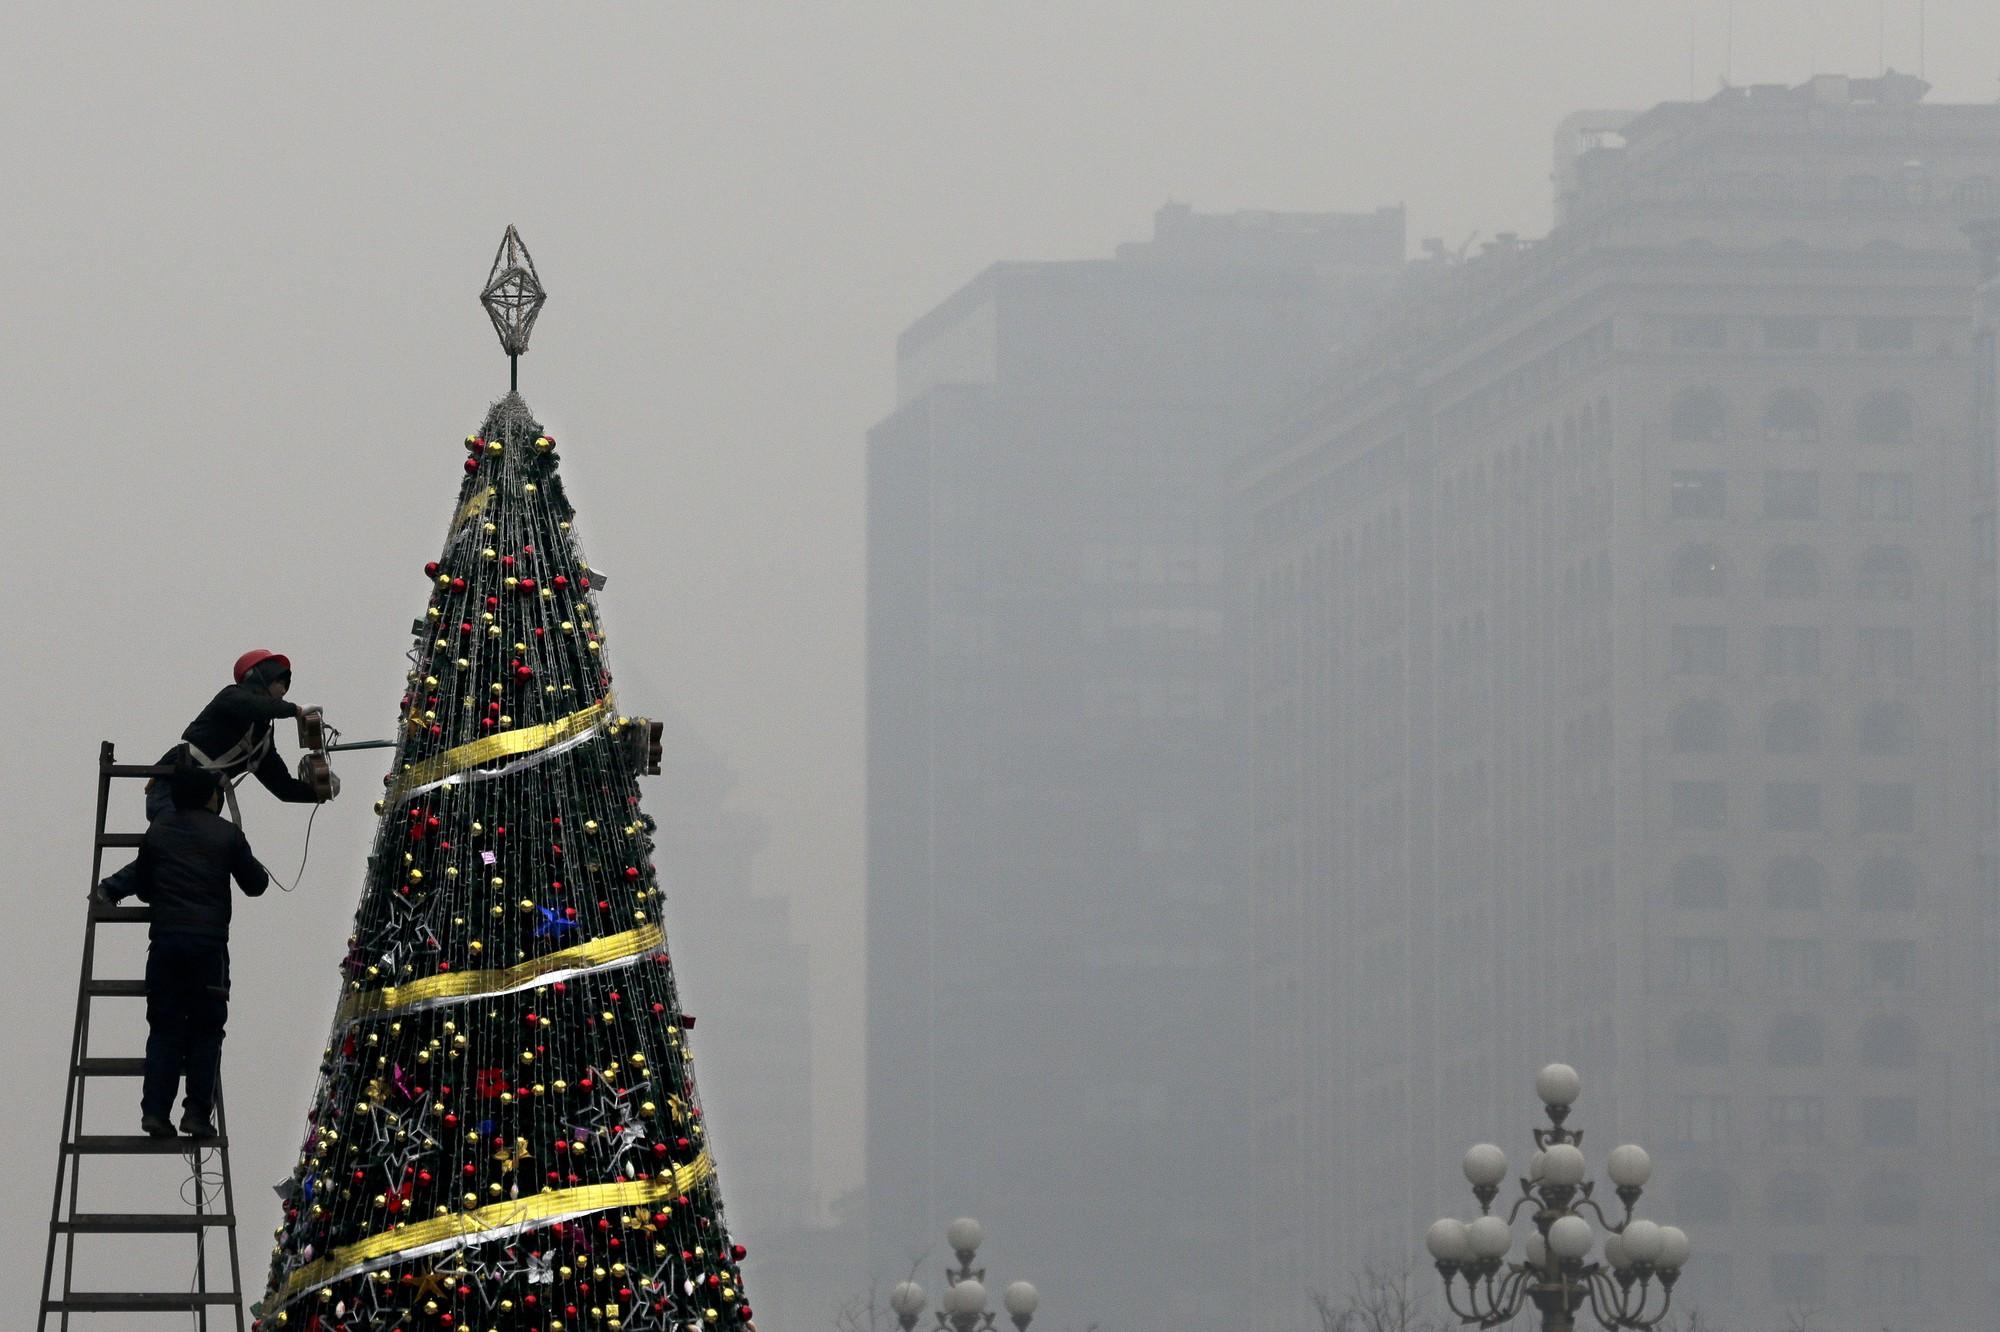 Khung cảnh đón Giáng sinh sớm ở nhiều nơi trên khắp thế giới: Lộng lẫy, nguy nga và ấm áp - Ảnh 16.